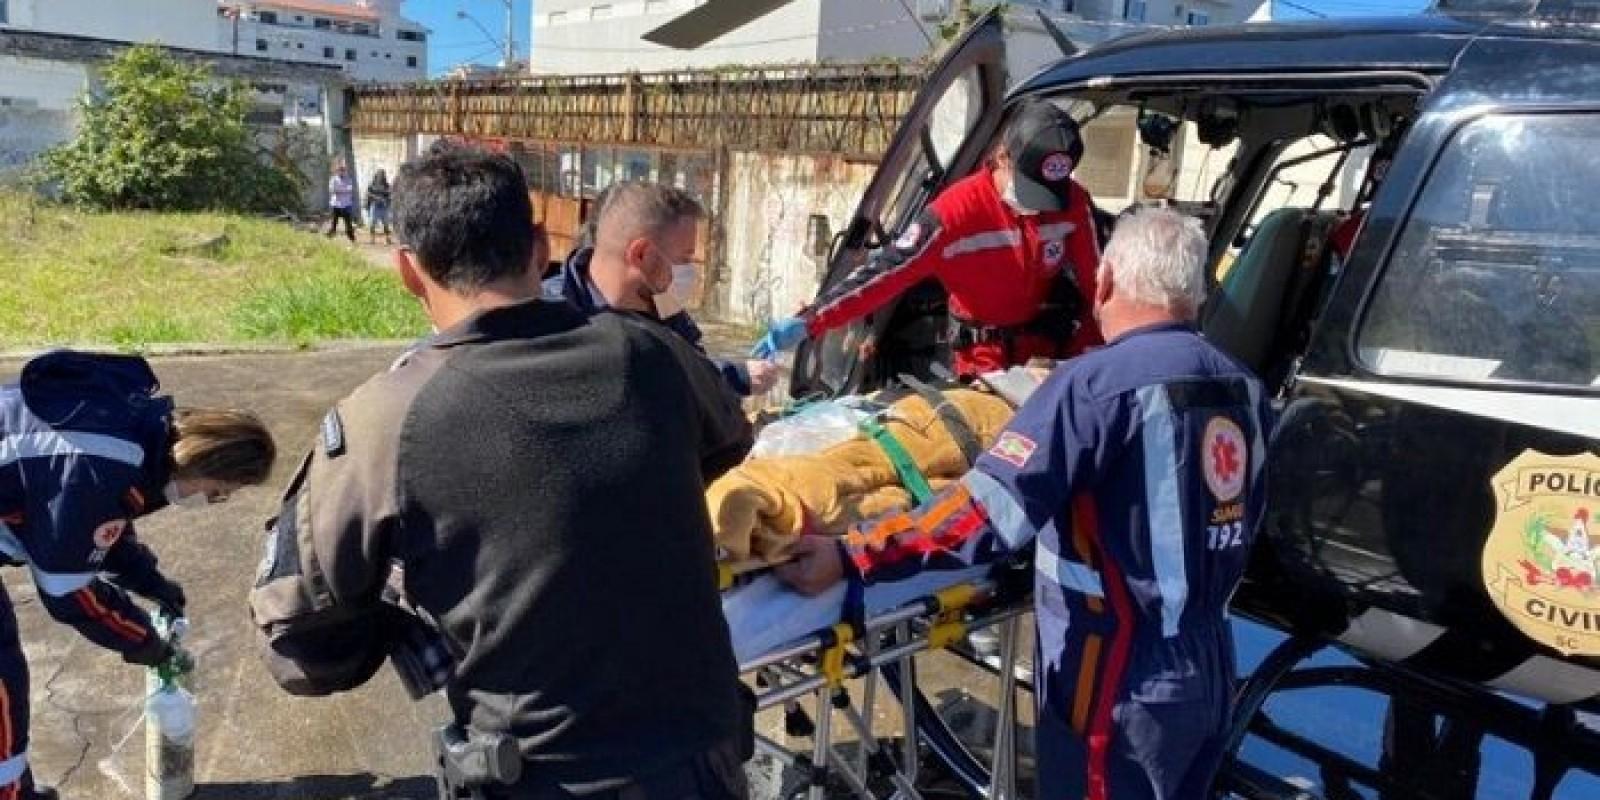 Criança de 6 anos cai de trator e acaba atropelada em Rio Fortuna